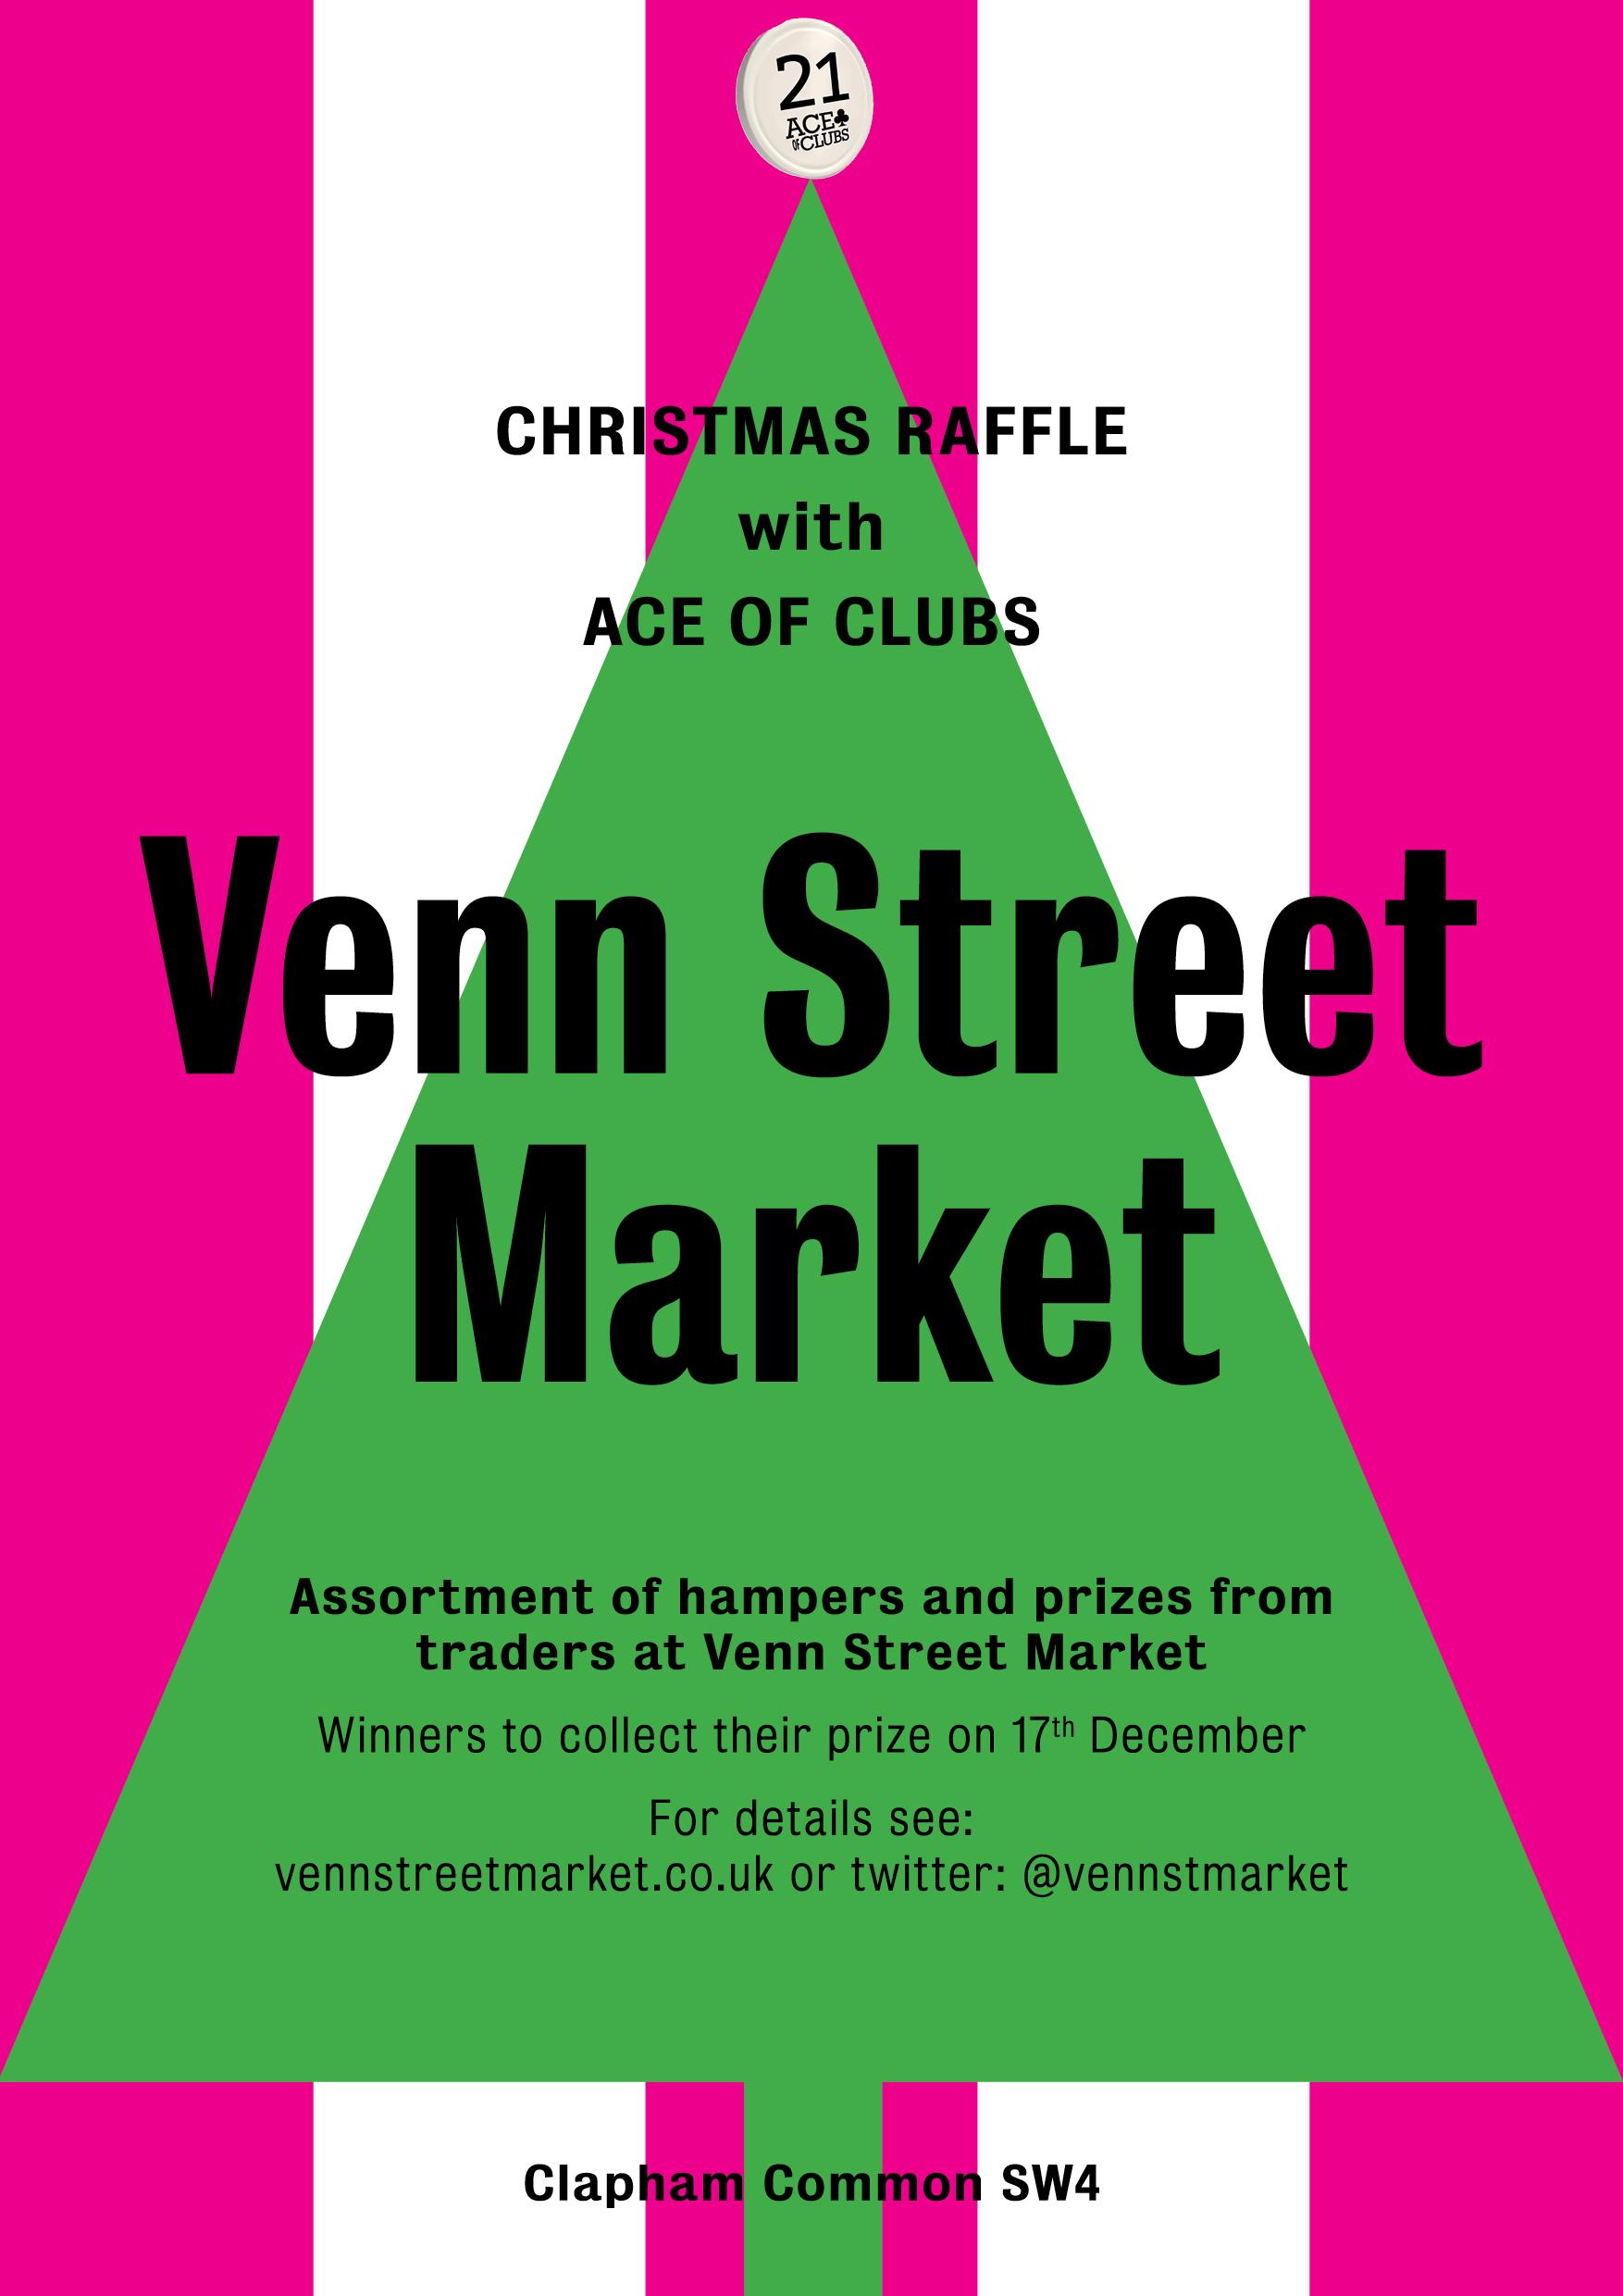 venn street market news